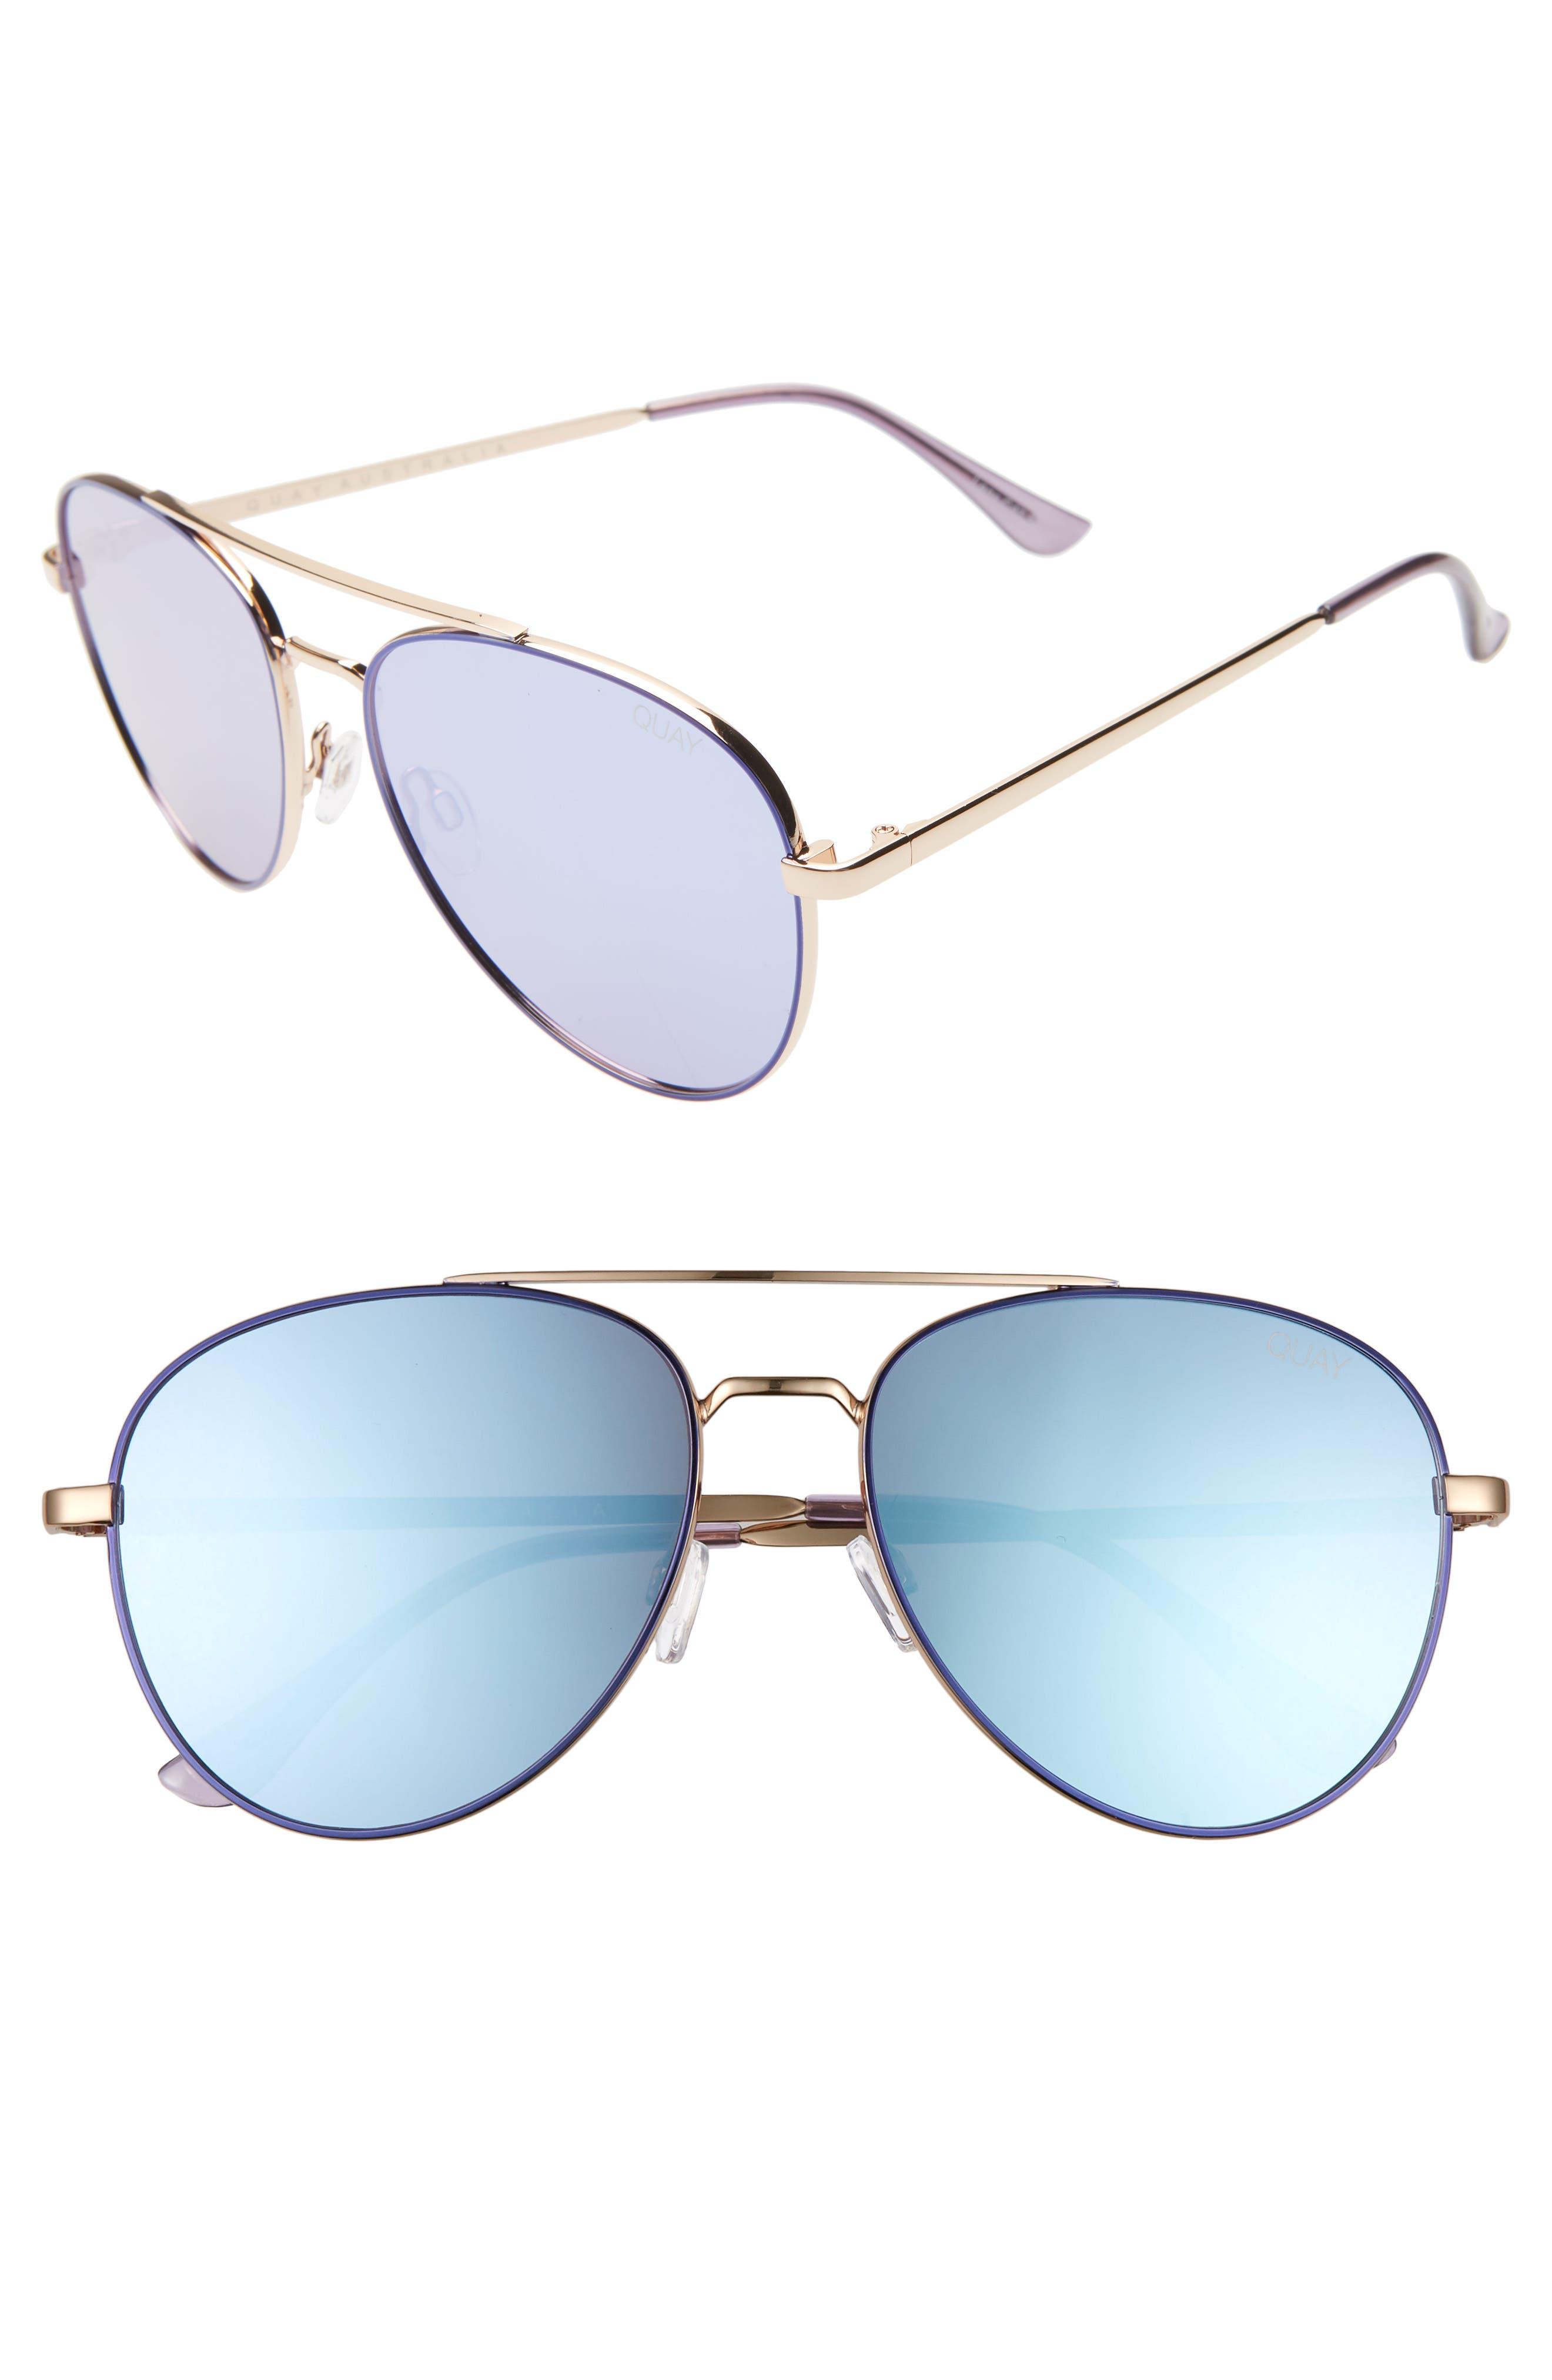 Quay Australia Single 50Mm Aviator Sunglasses - Blue/ Violet